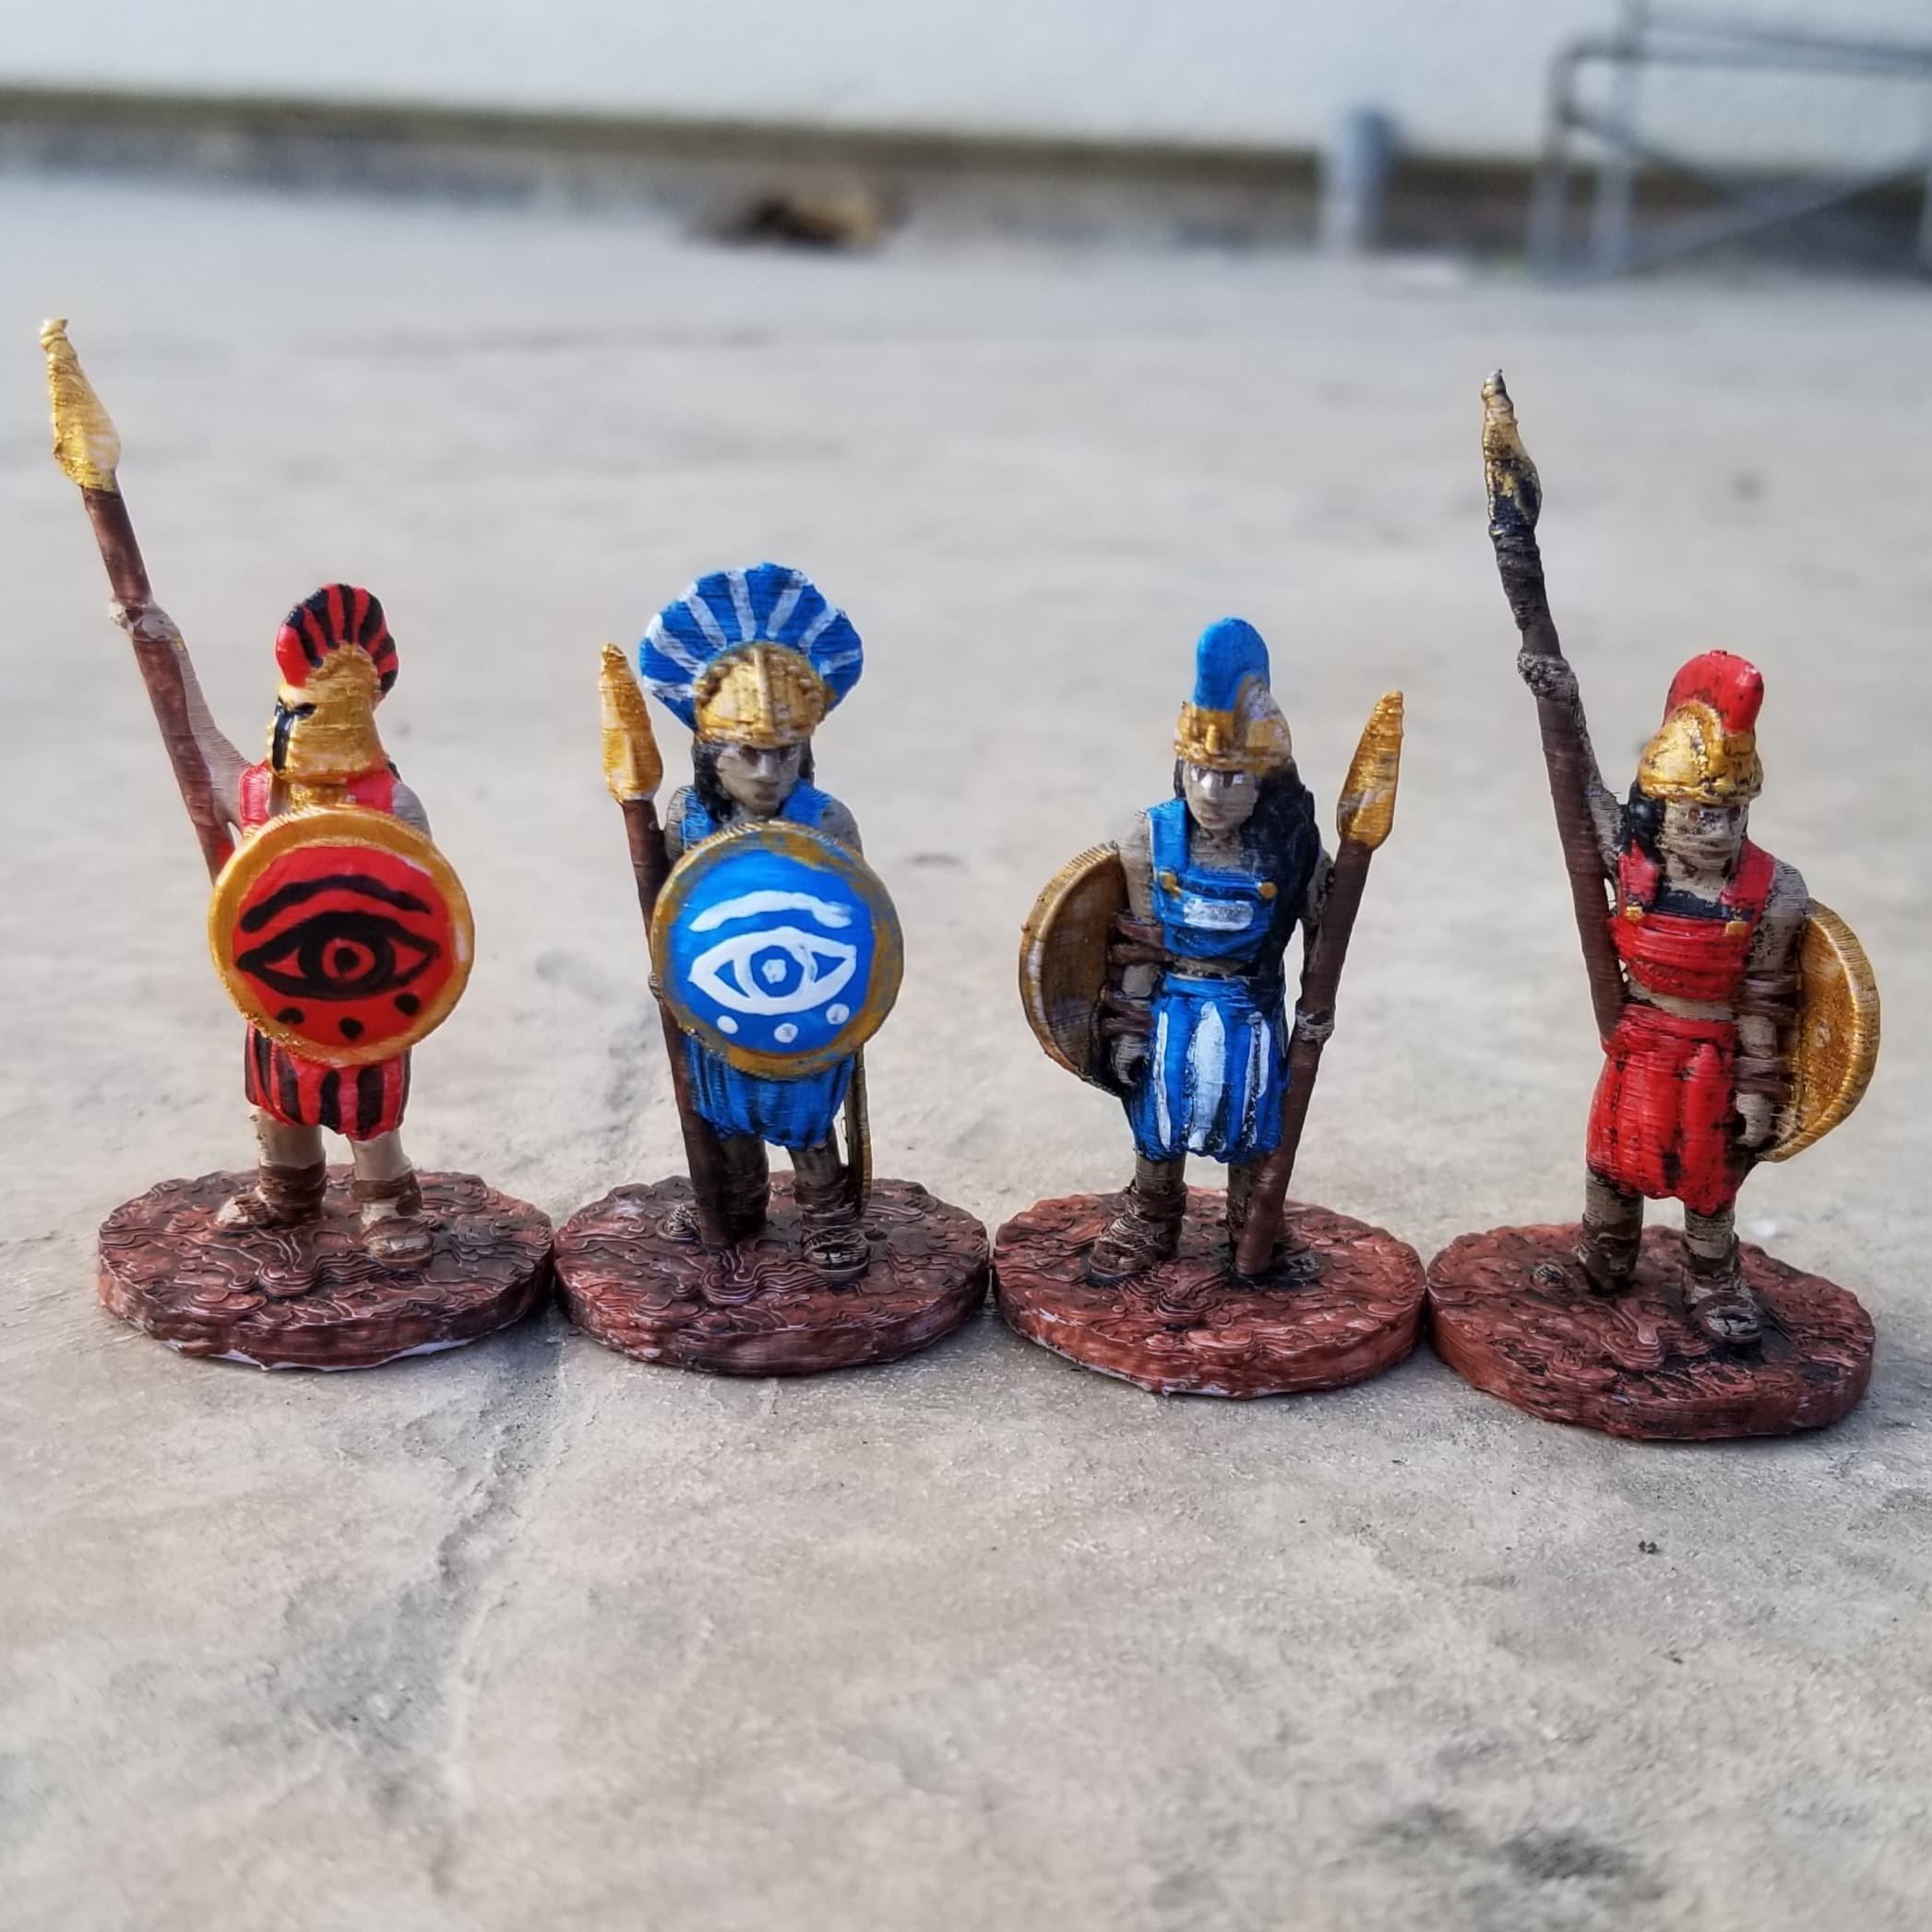 Spear Hoplites.jpg Download STL file Amazon Spear Hoplites • 3D print design, Ellie_Valkyrie